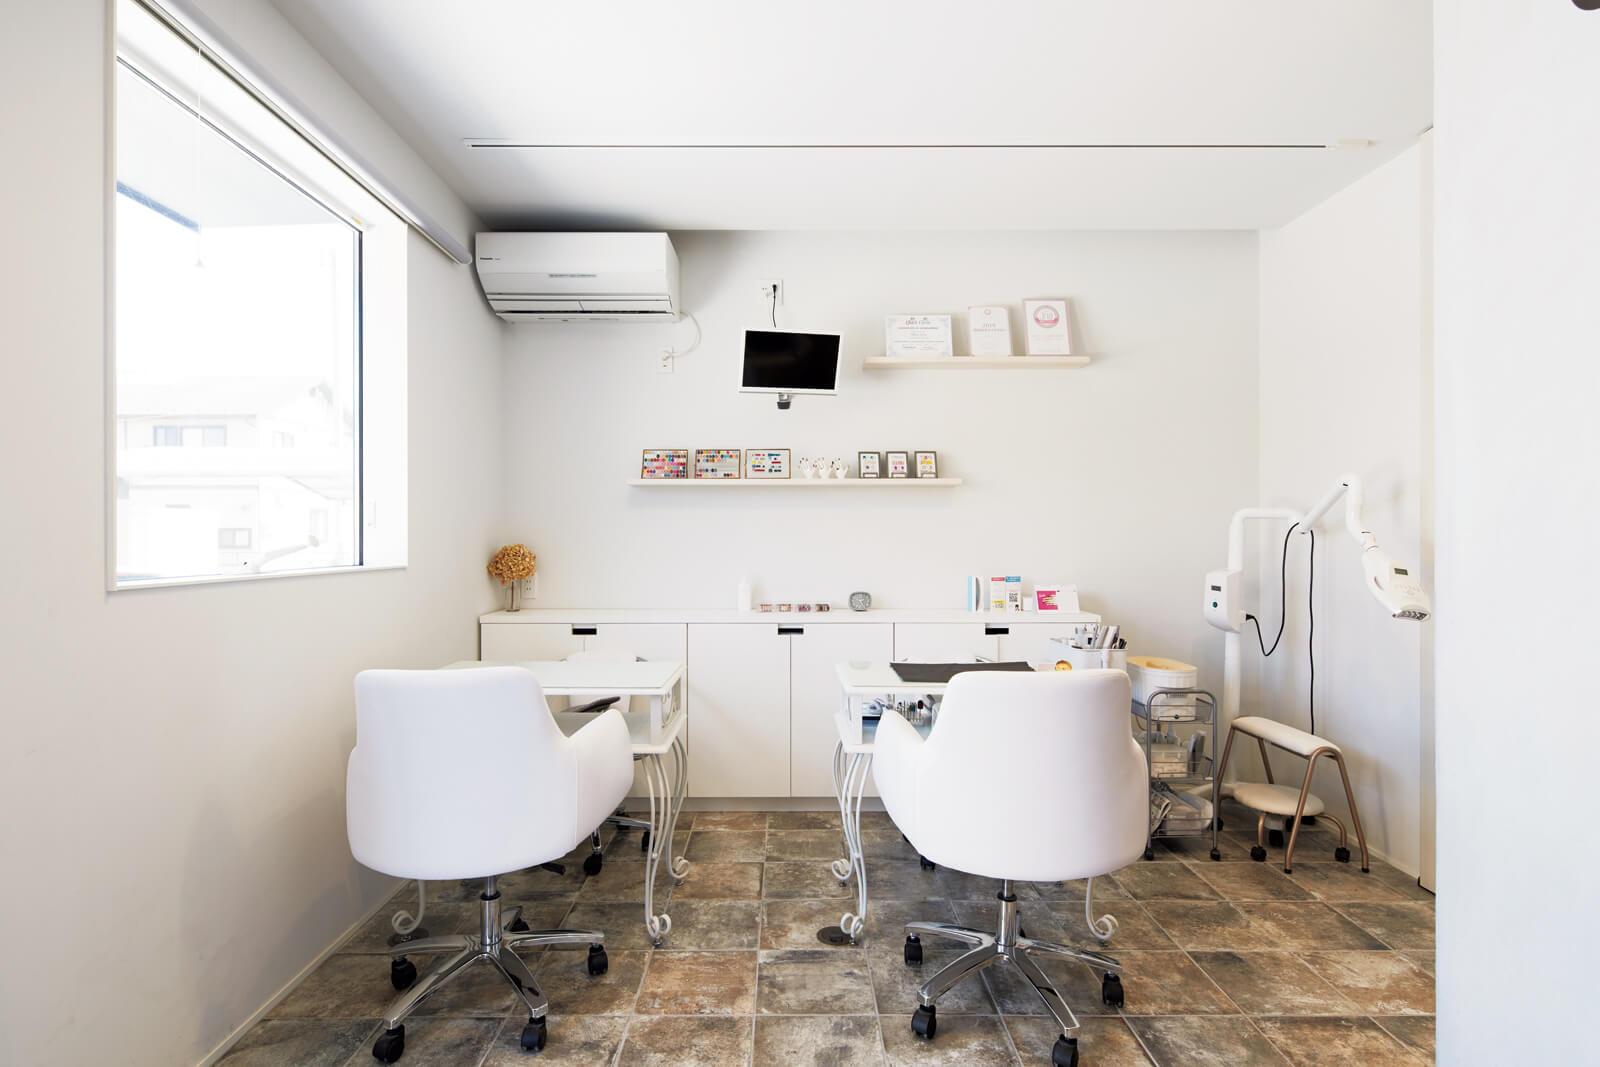 ネイルサロンのテーマカラーは白とグレー。ニュアンスあるグレータイルの床が、白を基調にしたインテリアを引き立てる。窓にはネイルの材料に影響が出る紫外線などもカットするLow-Eガラスを採用。直射日光を抑えつつ明るい空間に